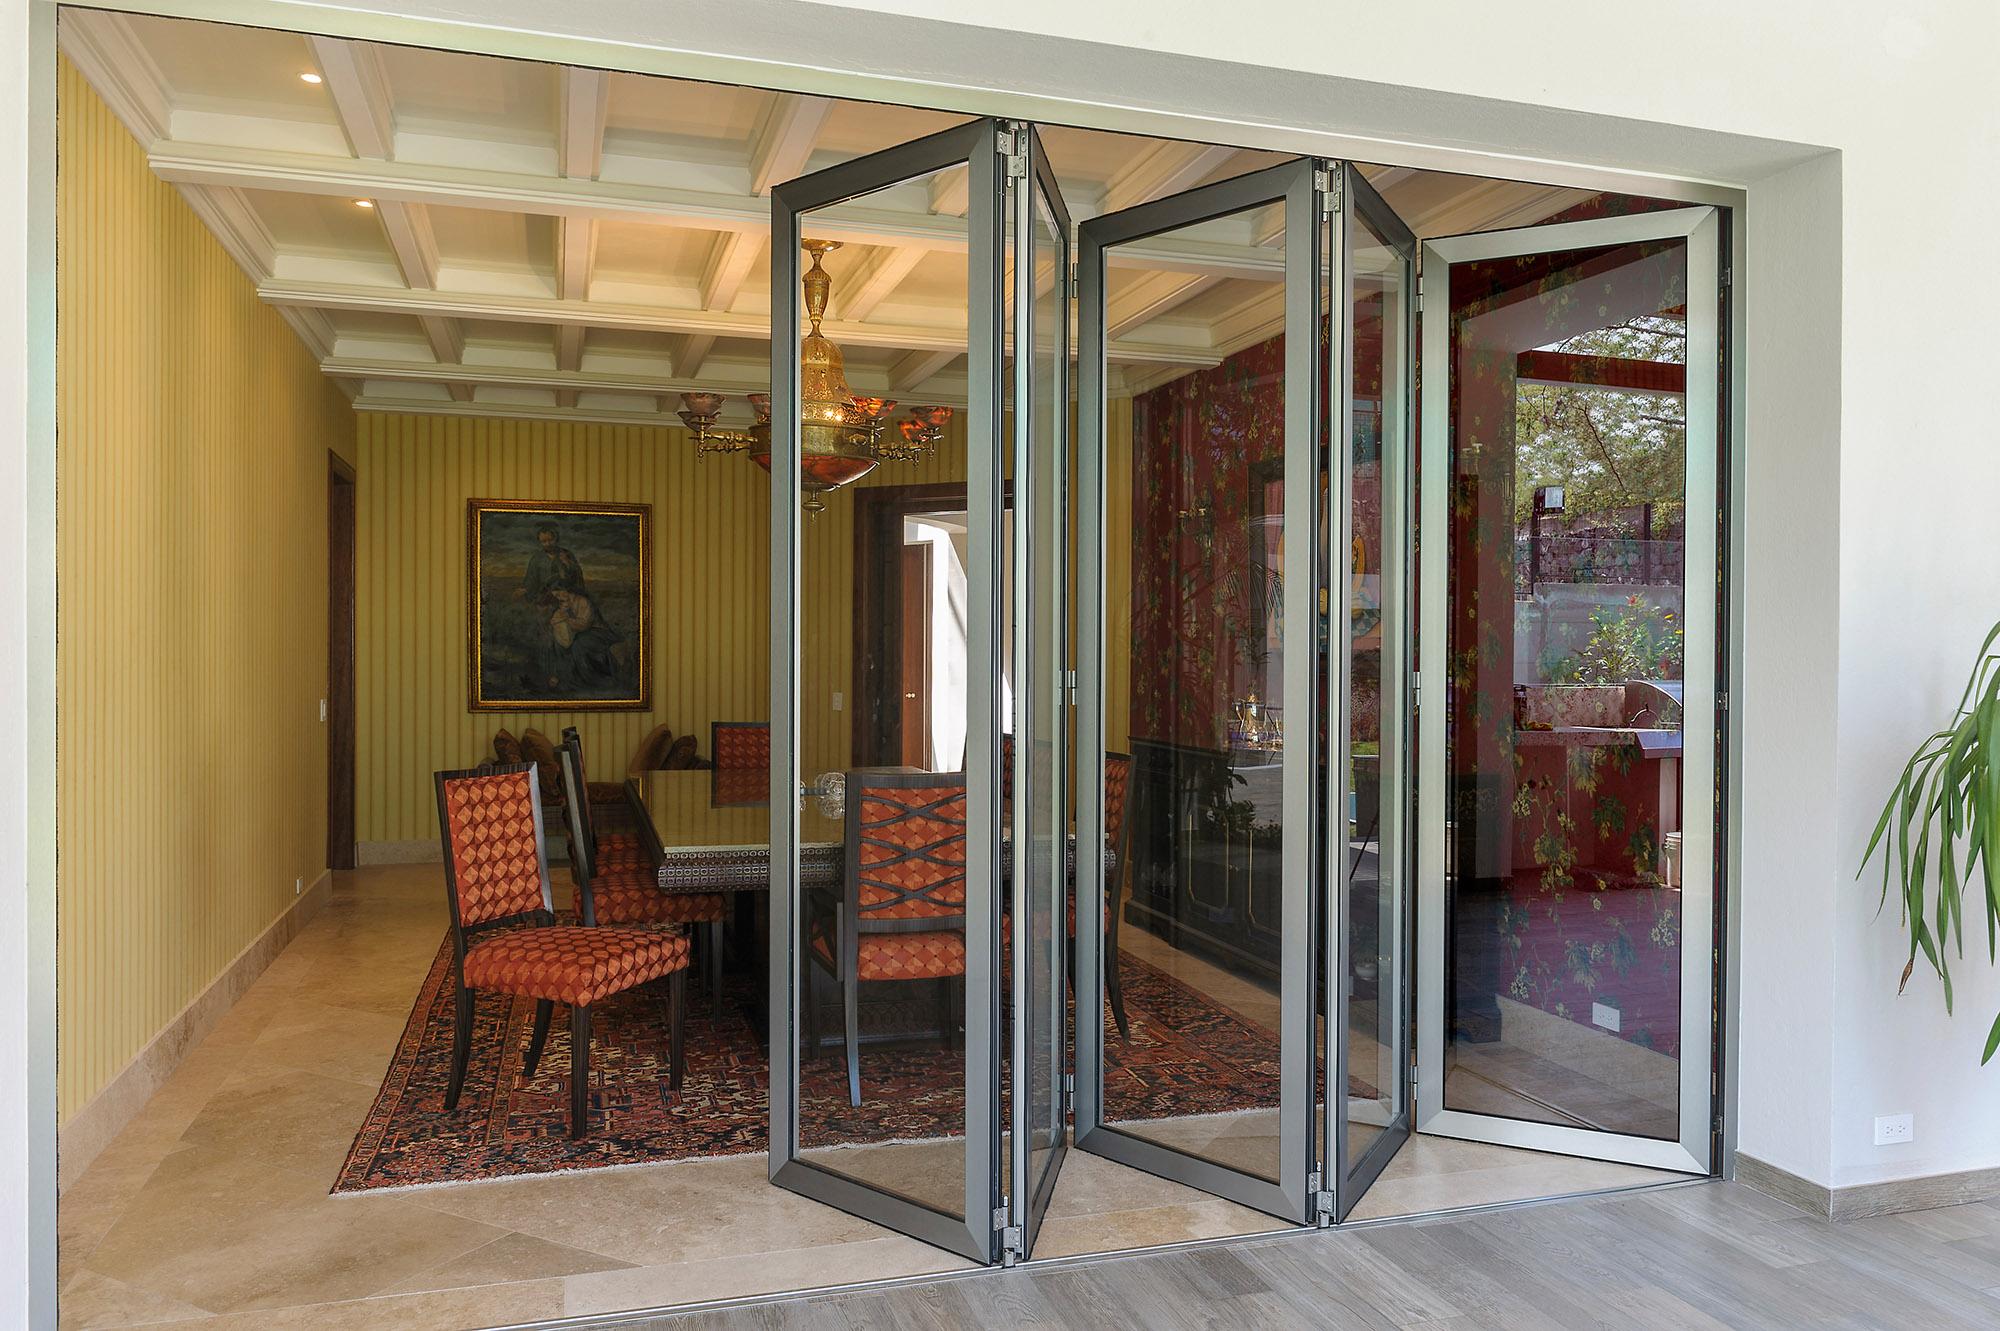 Sala de casa con puerta plegable con marcos de aluminio, abierta parcialmente